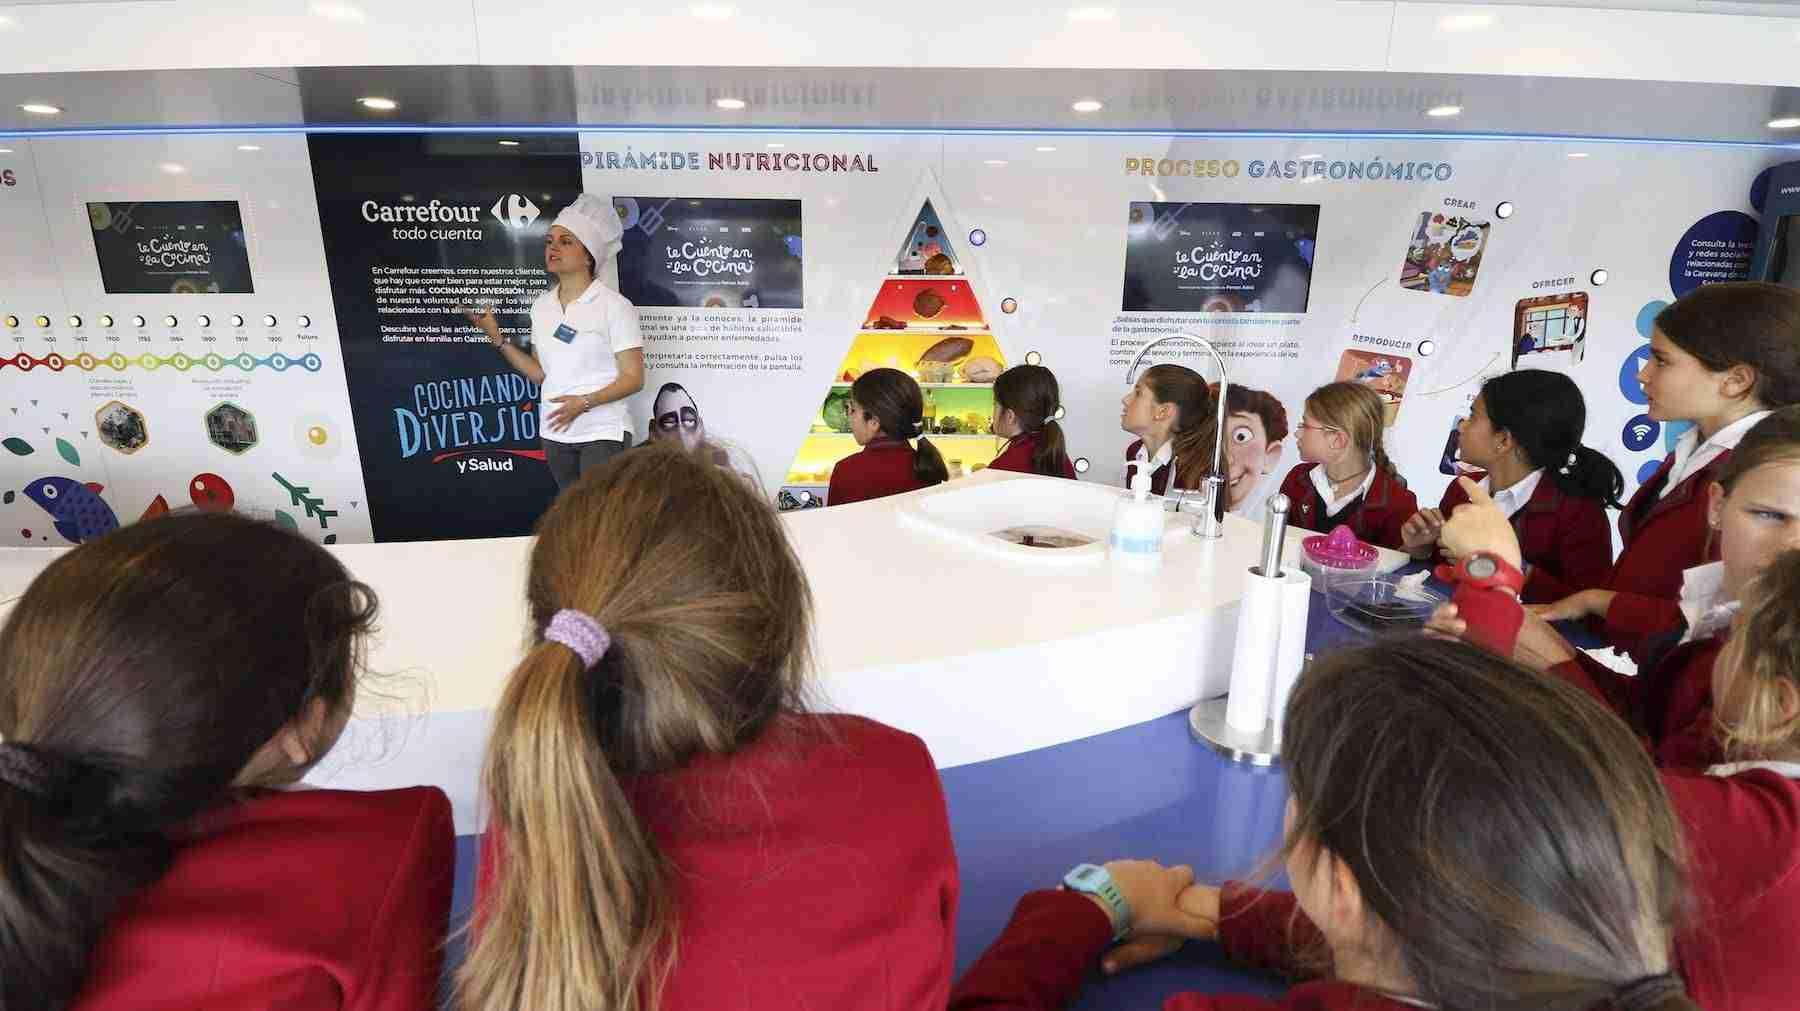 La caravana de la salud llega a Ciudad Real con Ferran Adriá y Disney 3